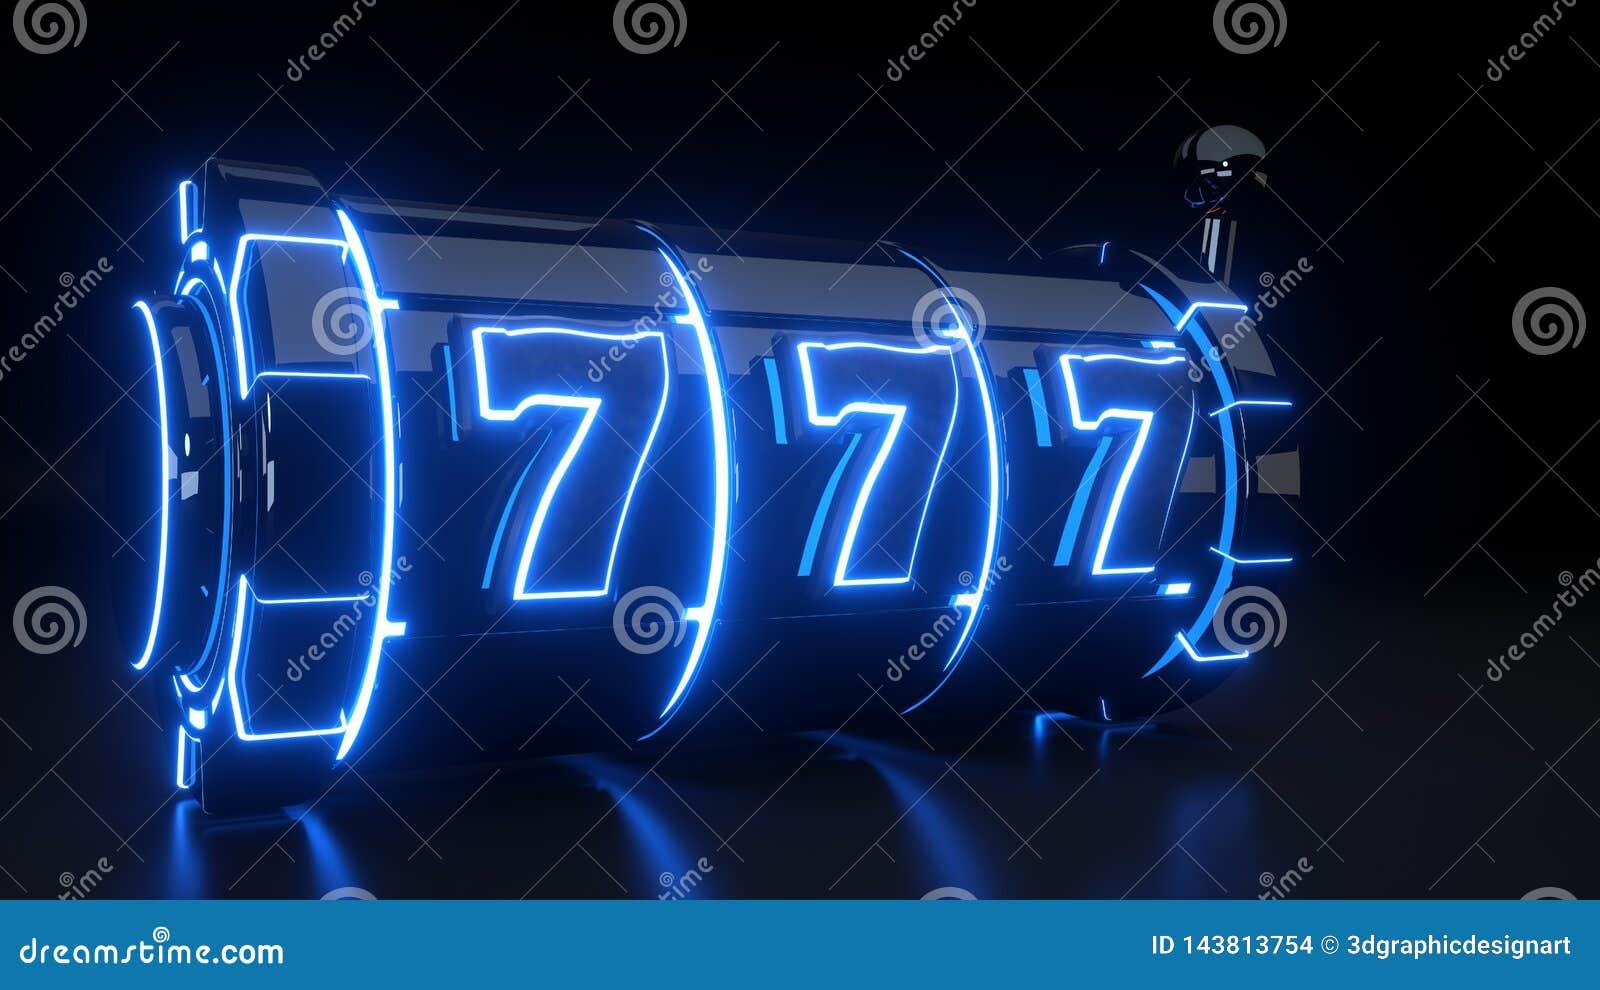 Conceito de jogo do slot machine do casino com as luzes azuis de néon isoladas no fundo preto - ilustração 3D